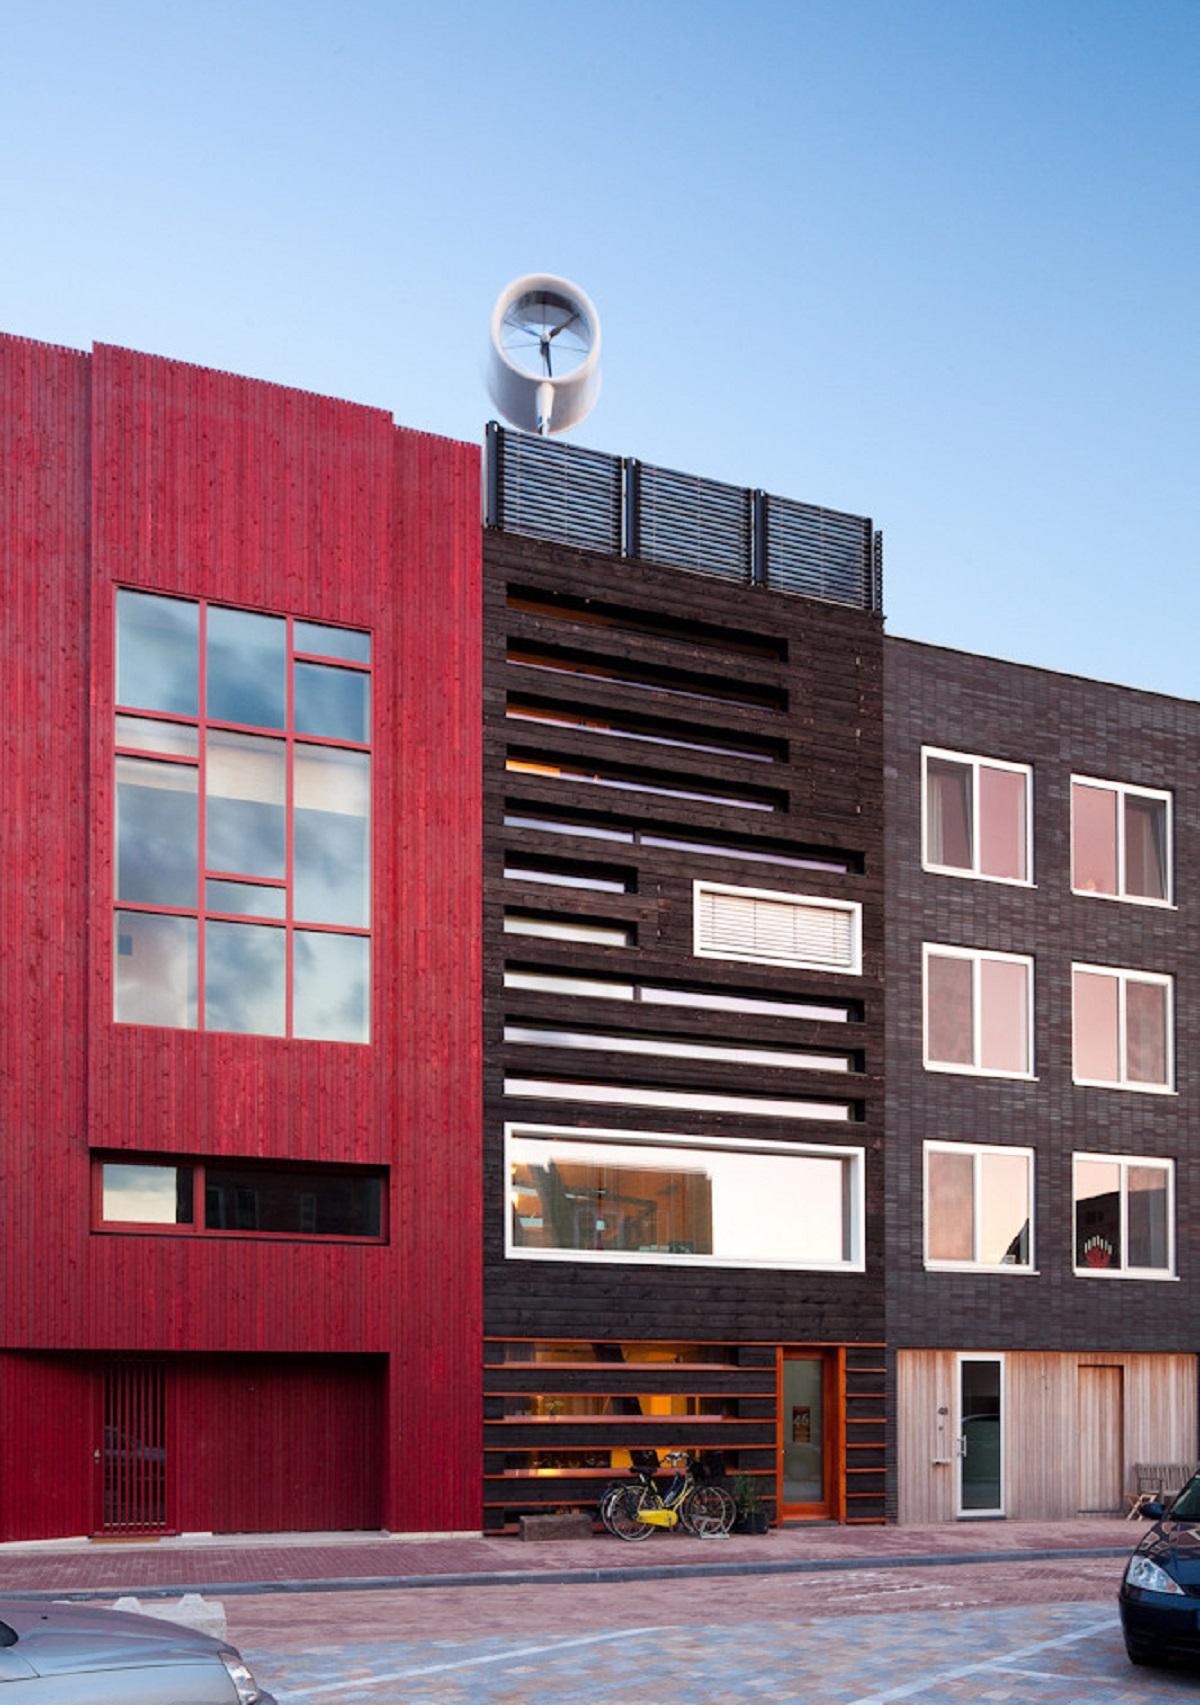 House_2.0_FARO_Architecten.jpg